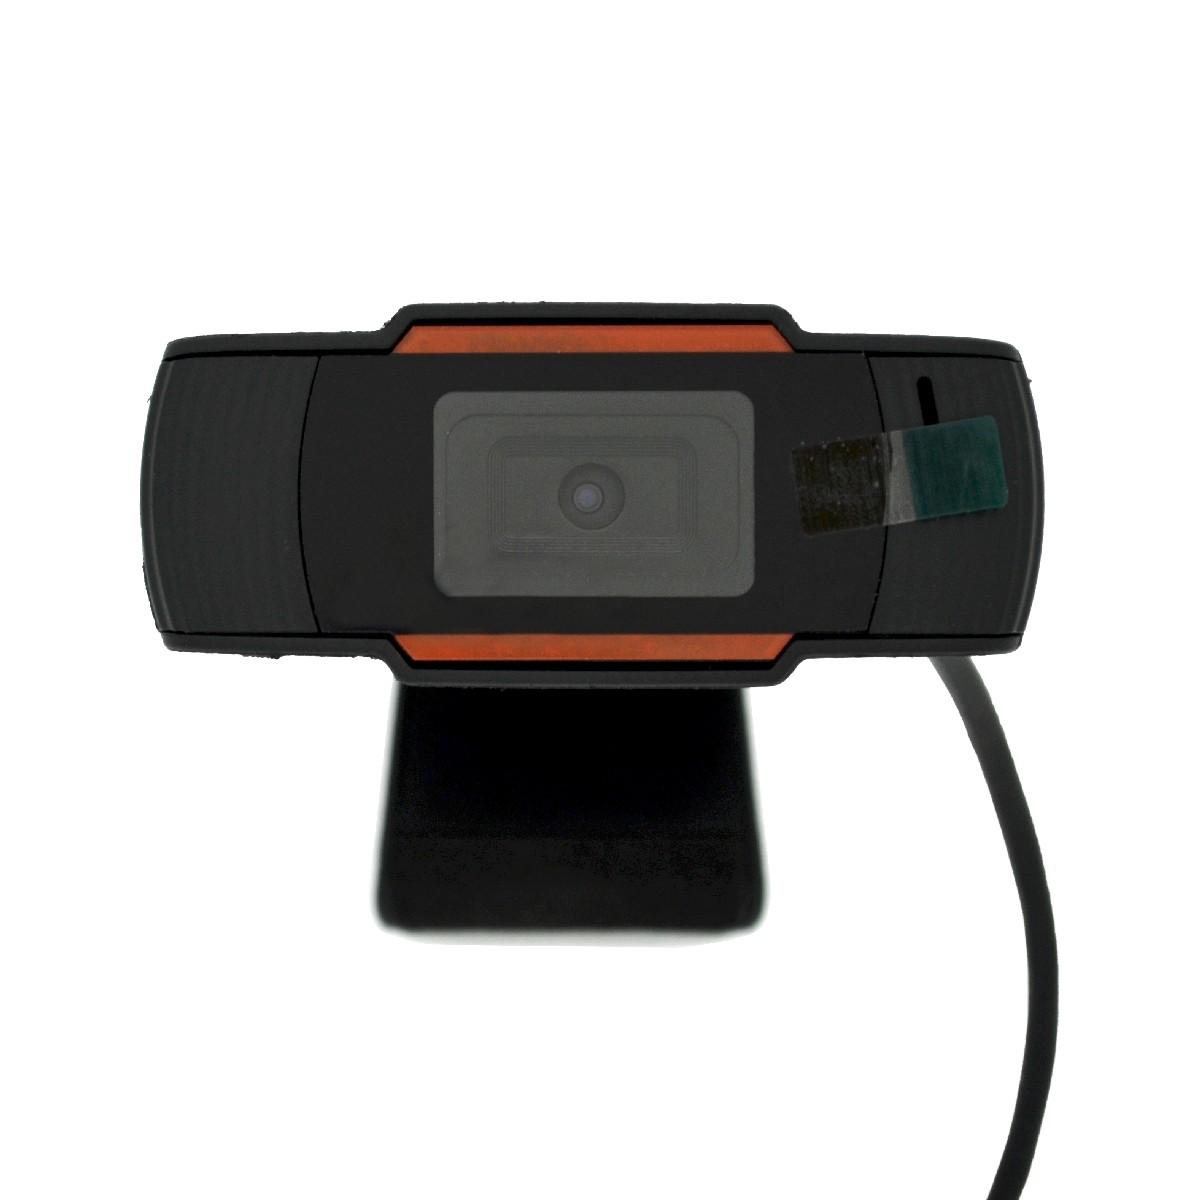 USB Webcam Mobilis P1 Full HD 1080P 1920X1080 με 20mm Εστίαση και Ενσωματωμένο Μικρόφωνο. Μαύρη